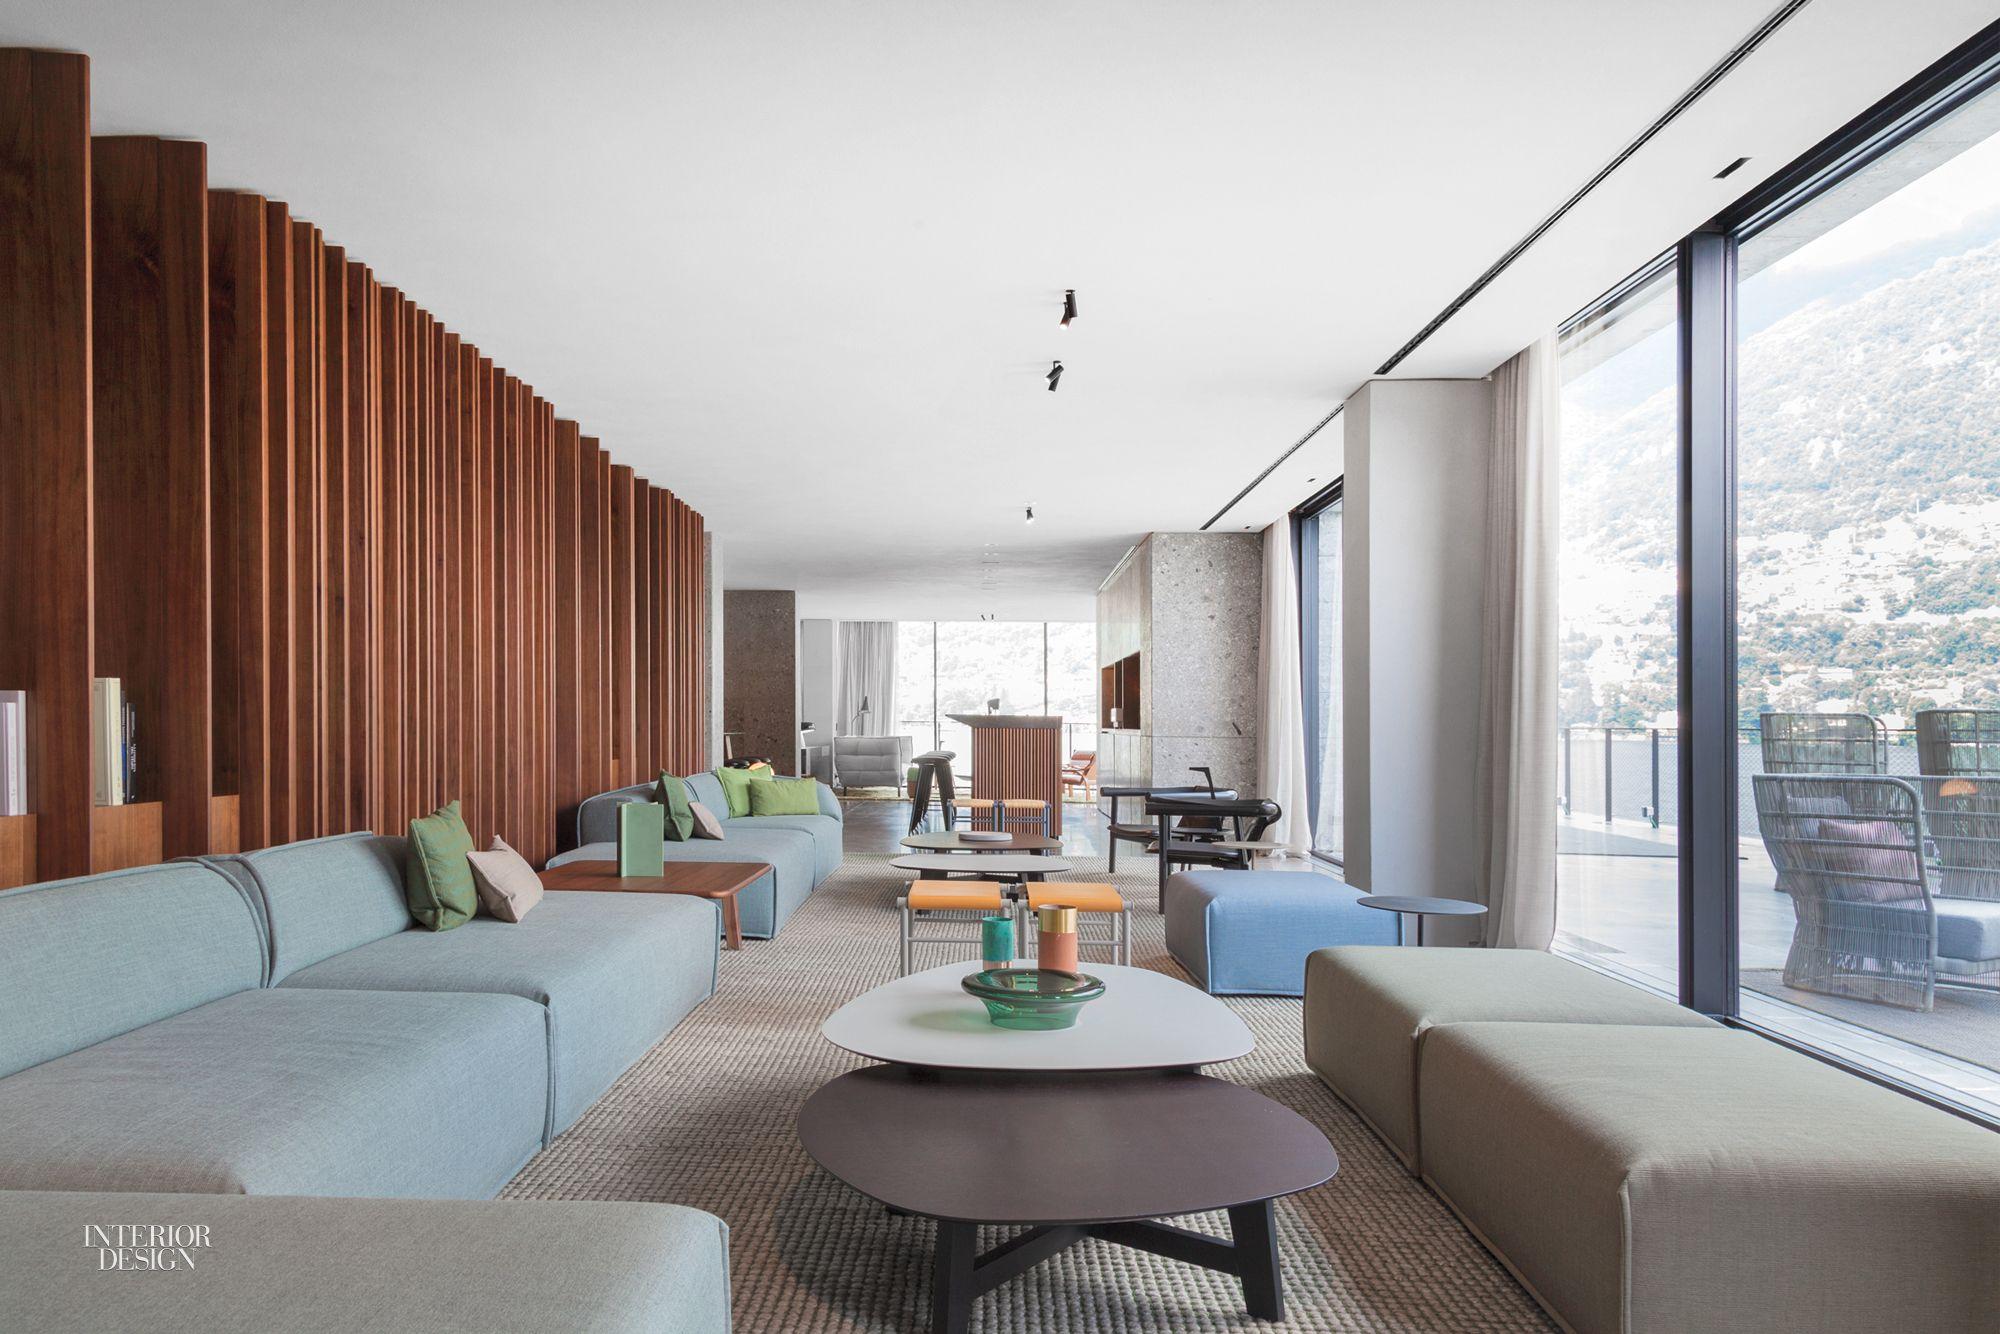 patricia urquiola designs idyllic lake o hotel il sereno